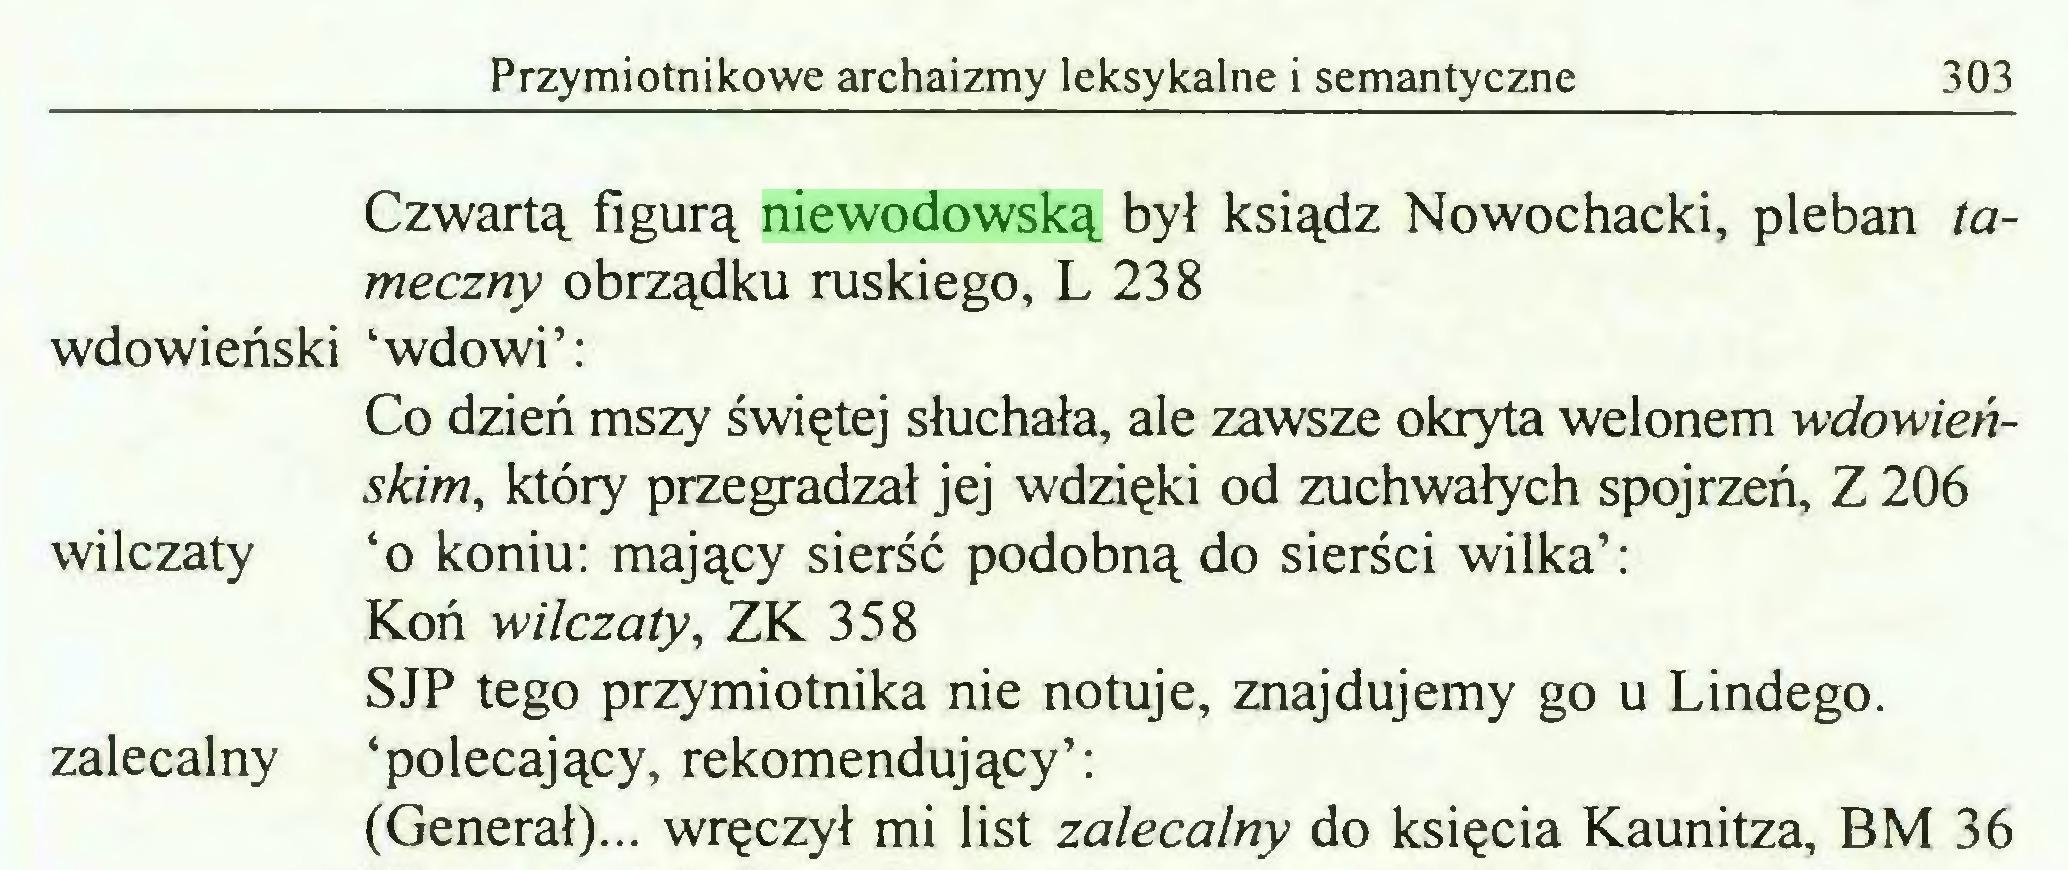 (...) Przymiotnikowe archaizmy leksykalne i semantyczne 303 Czwartą figurą niewodowską był ksiądz Nowochacki, pleban tameczny obrządku ruskiego, L 238 wdowieński 'wdowi': Co dzień mszy świętej słuchała, ale zawsze okryta welonem wdowieńskim, który przegradzał jej wdzięki od zuchwałych spojrzeń, Z 206 wilczaty 'o koniu: mający sierść podobną do sierści wilka': Koń -wilczaty, ZK 358 SJP tego przymiotnika nie notuje, znajdujemy go u Lindego, zalecalny 'polecający, rekomendujący': (Generał)... wręczył mi list zalecalny do księcia Kaunitza, BM 36...